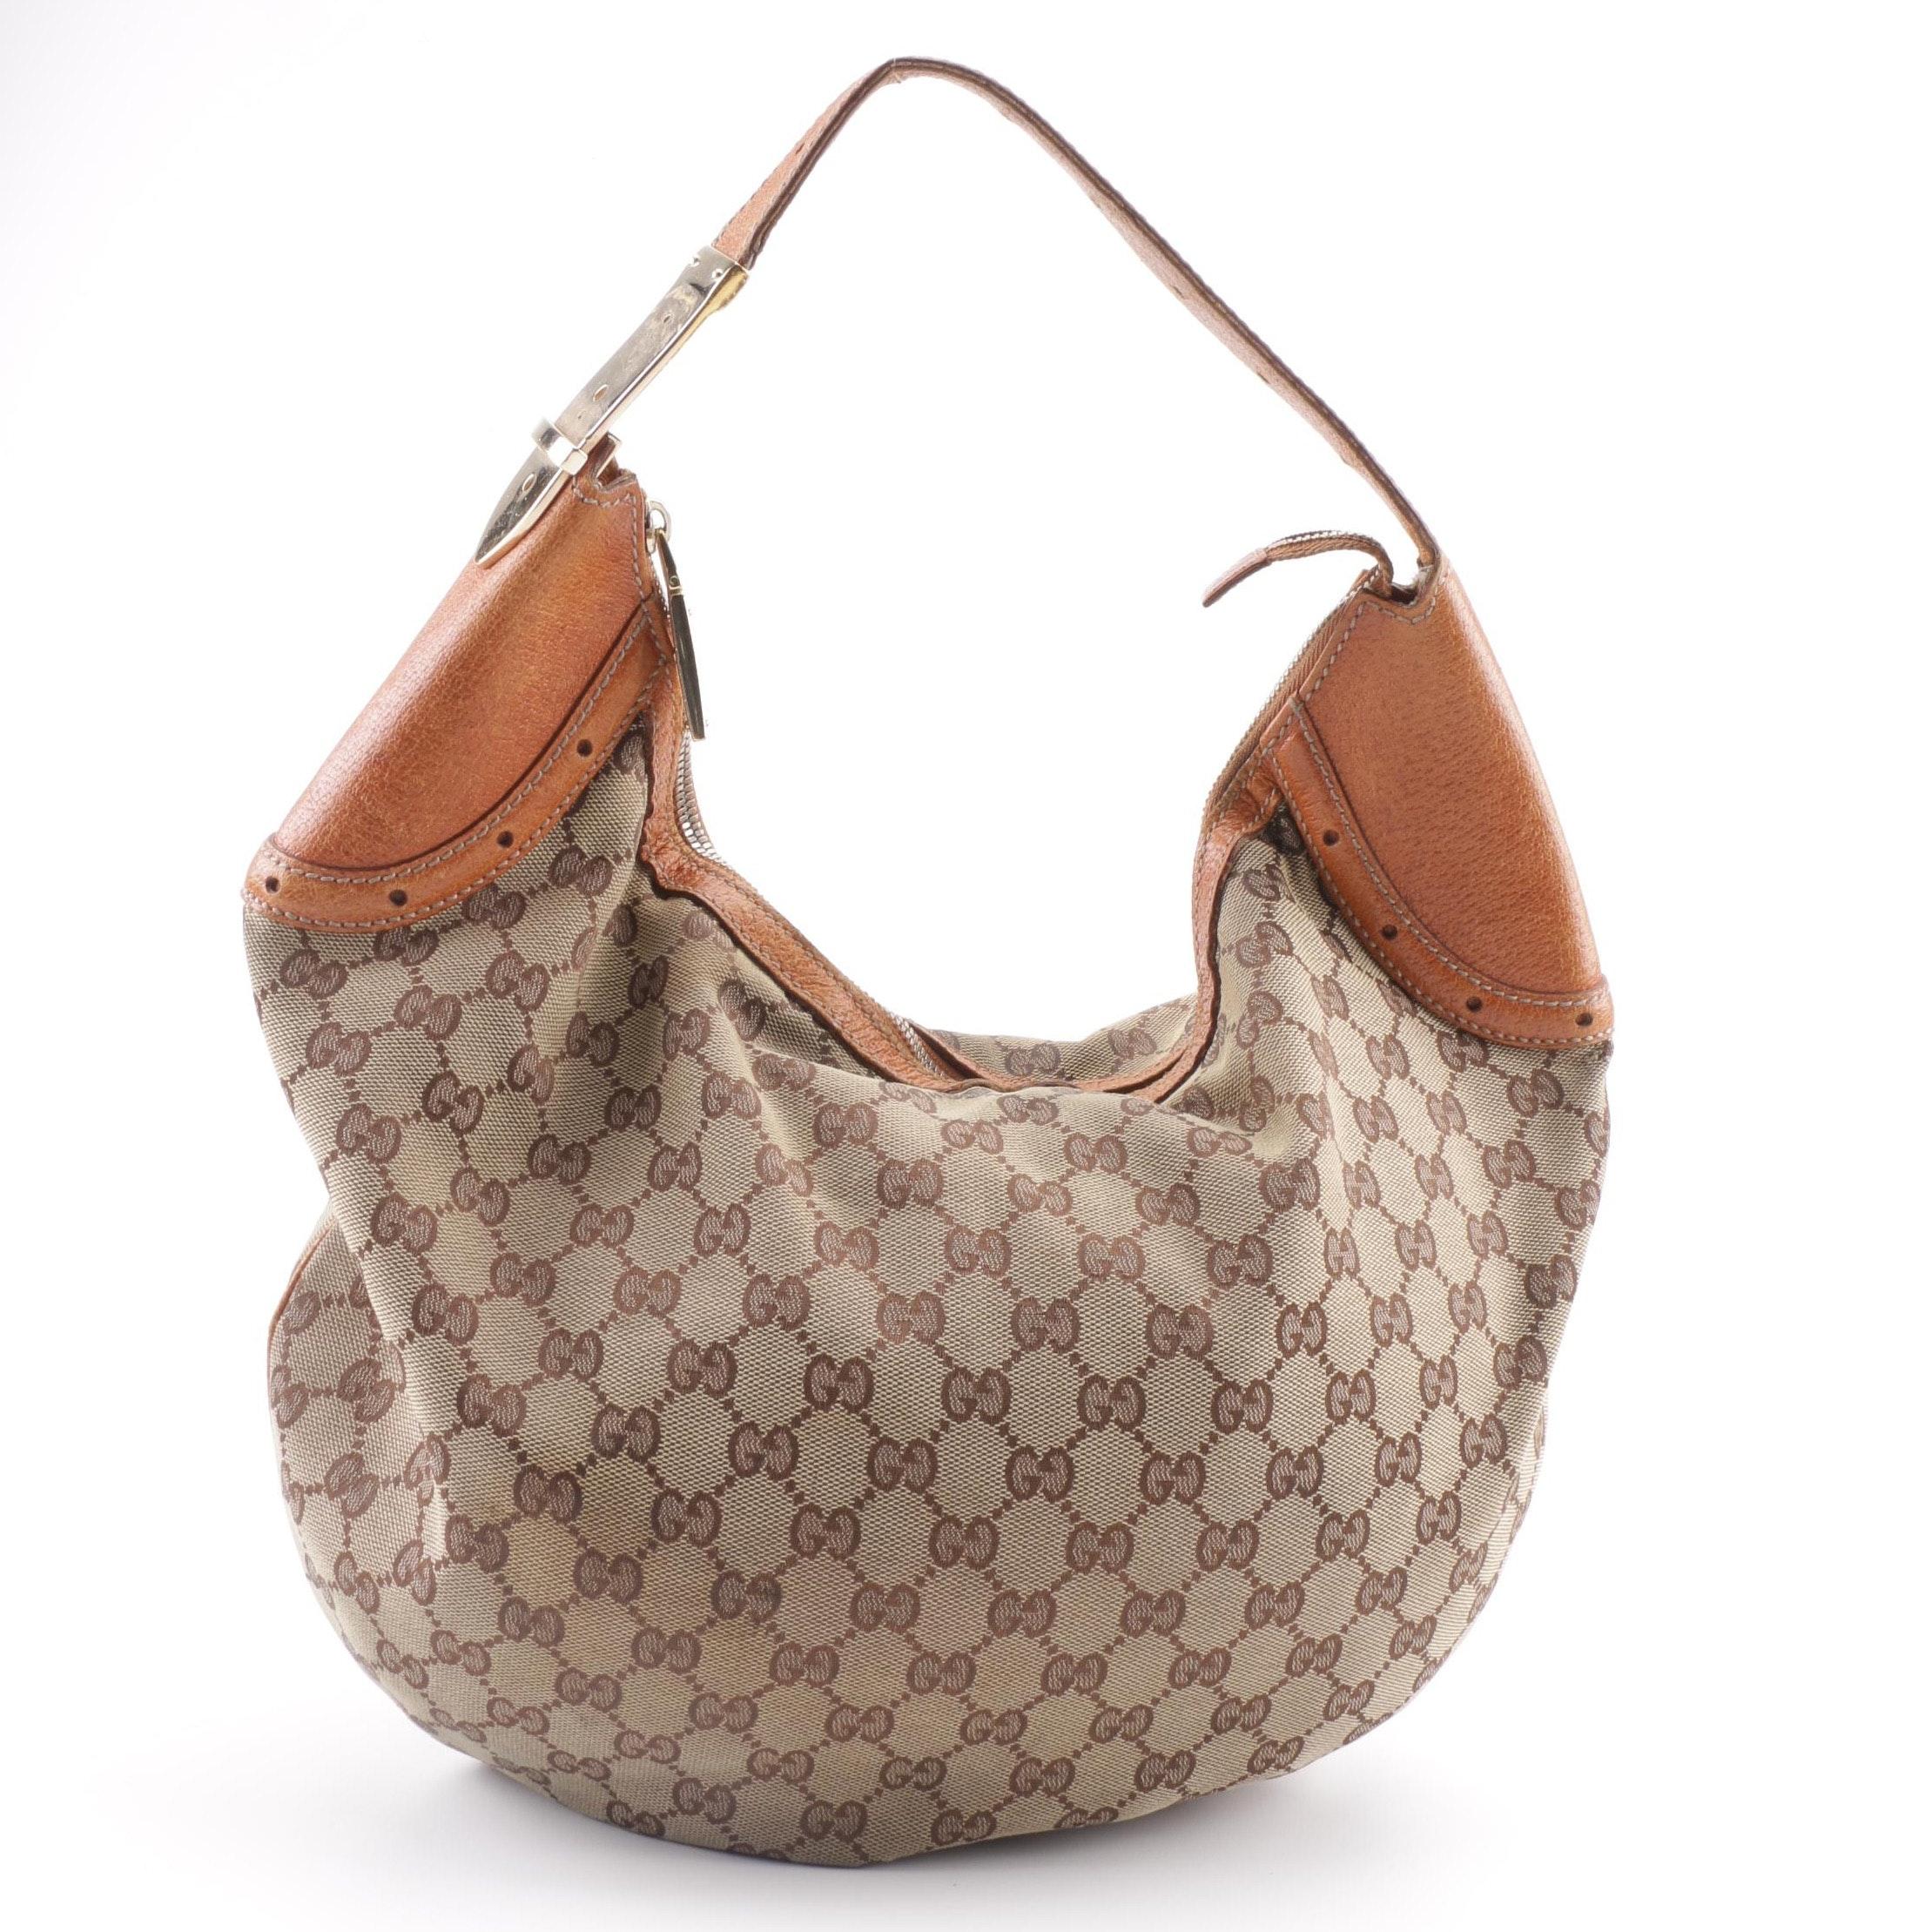 Vintage Gucci GG Supreme Canvas Hobo Bag